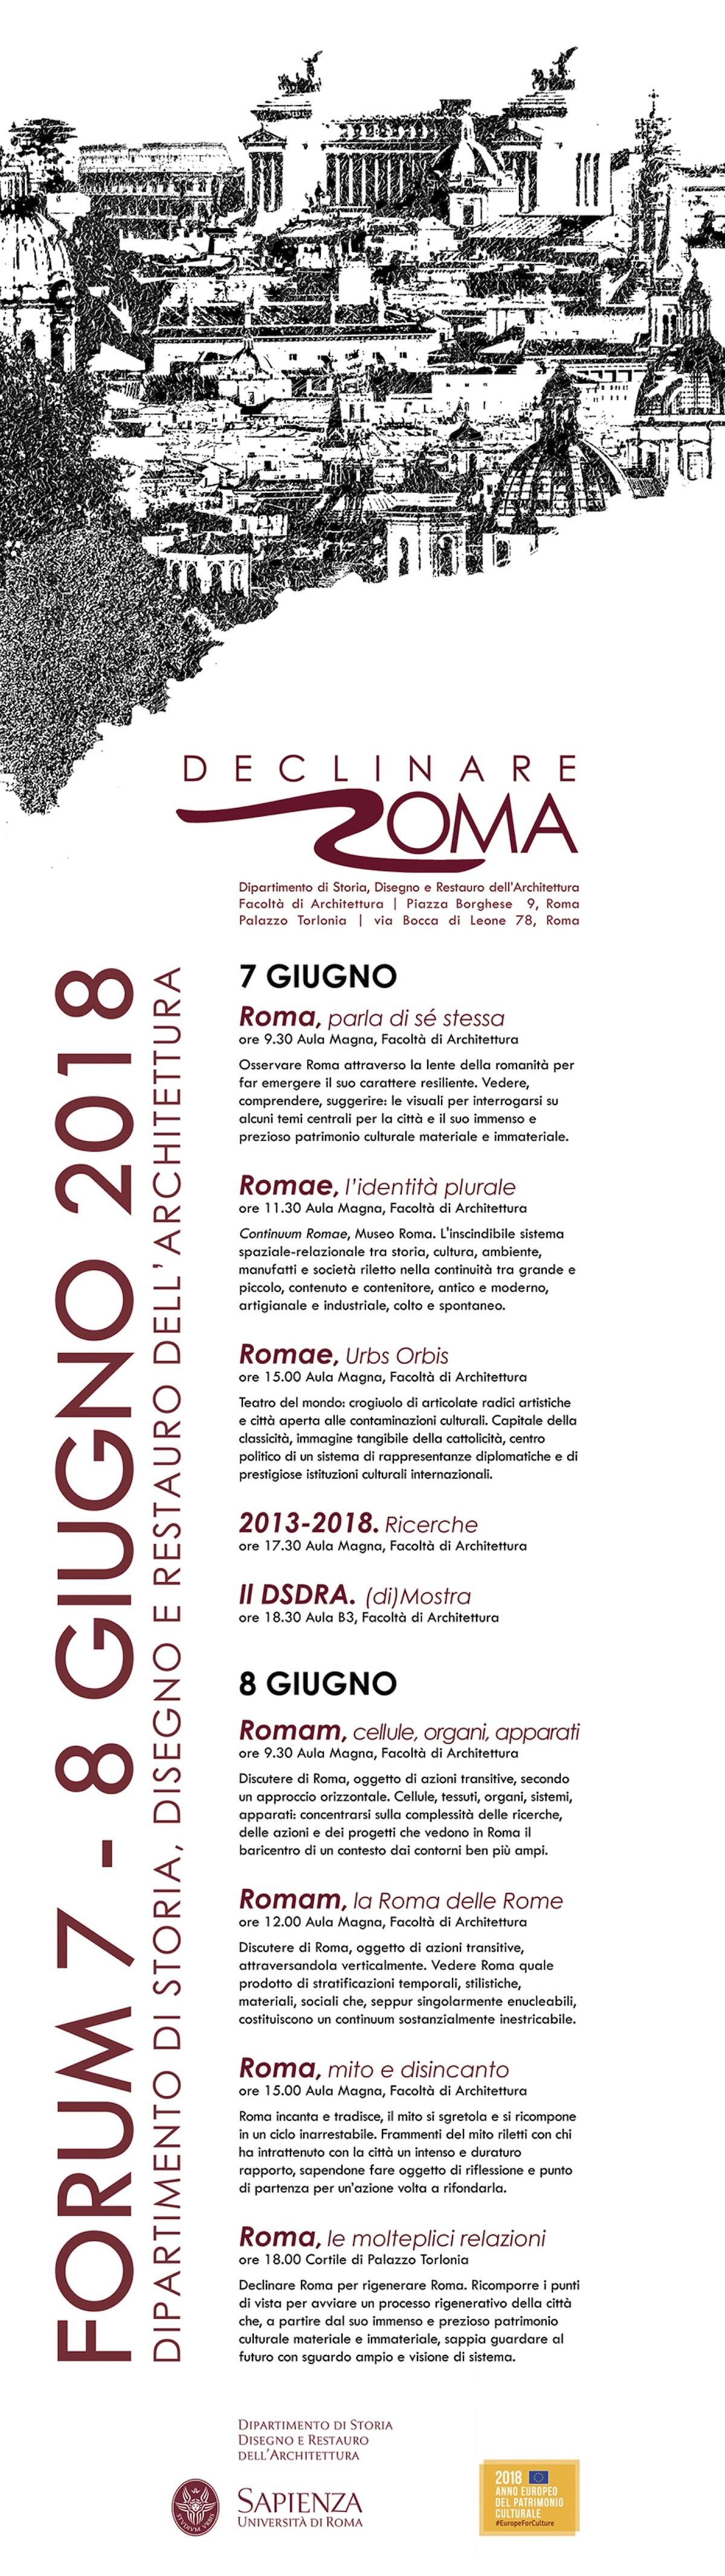 Declinare Roma programma